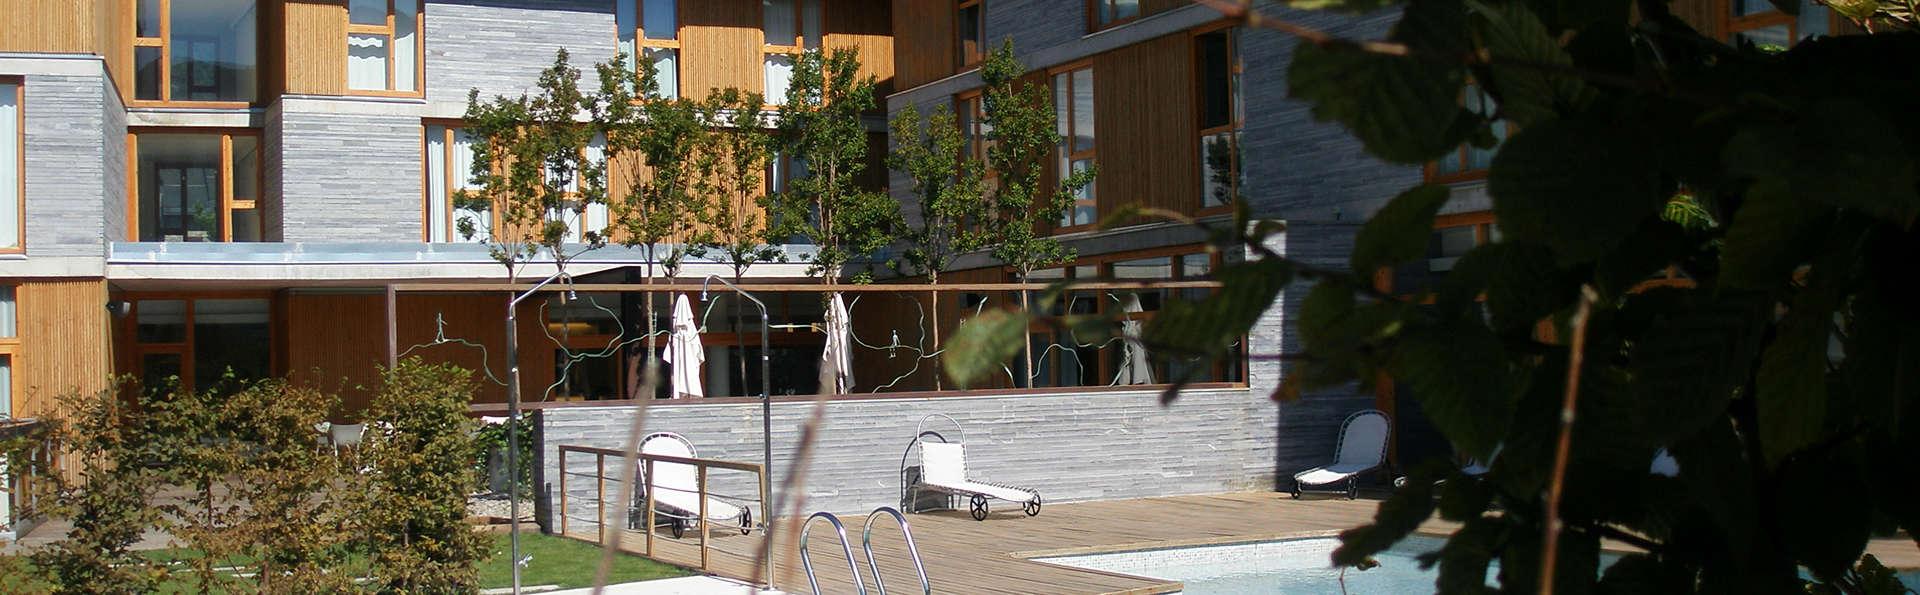 Hotel Tierra de Biescas - EDIT_pool2.jpg